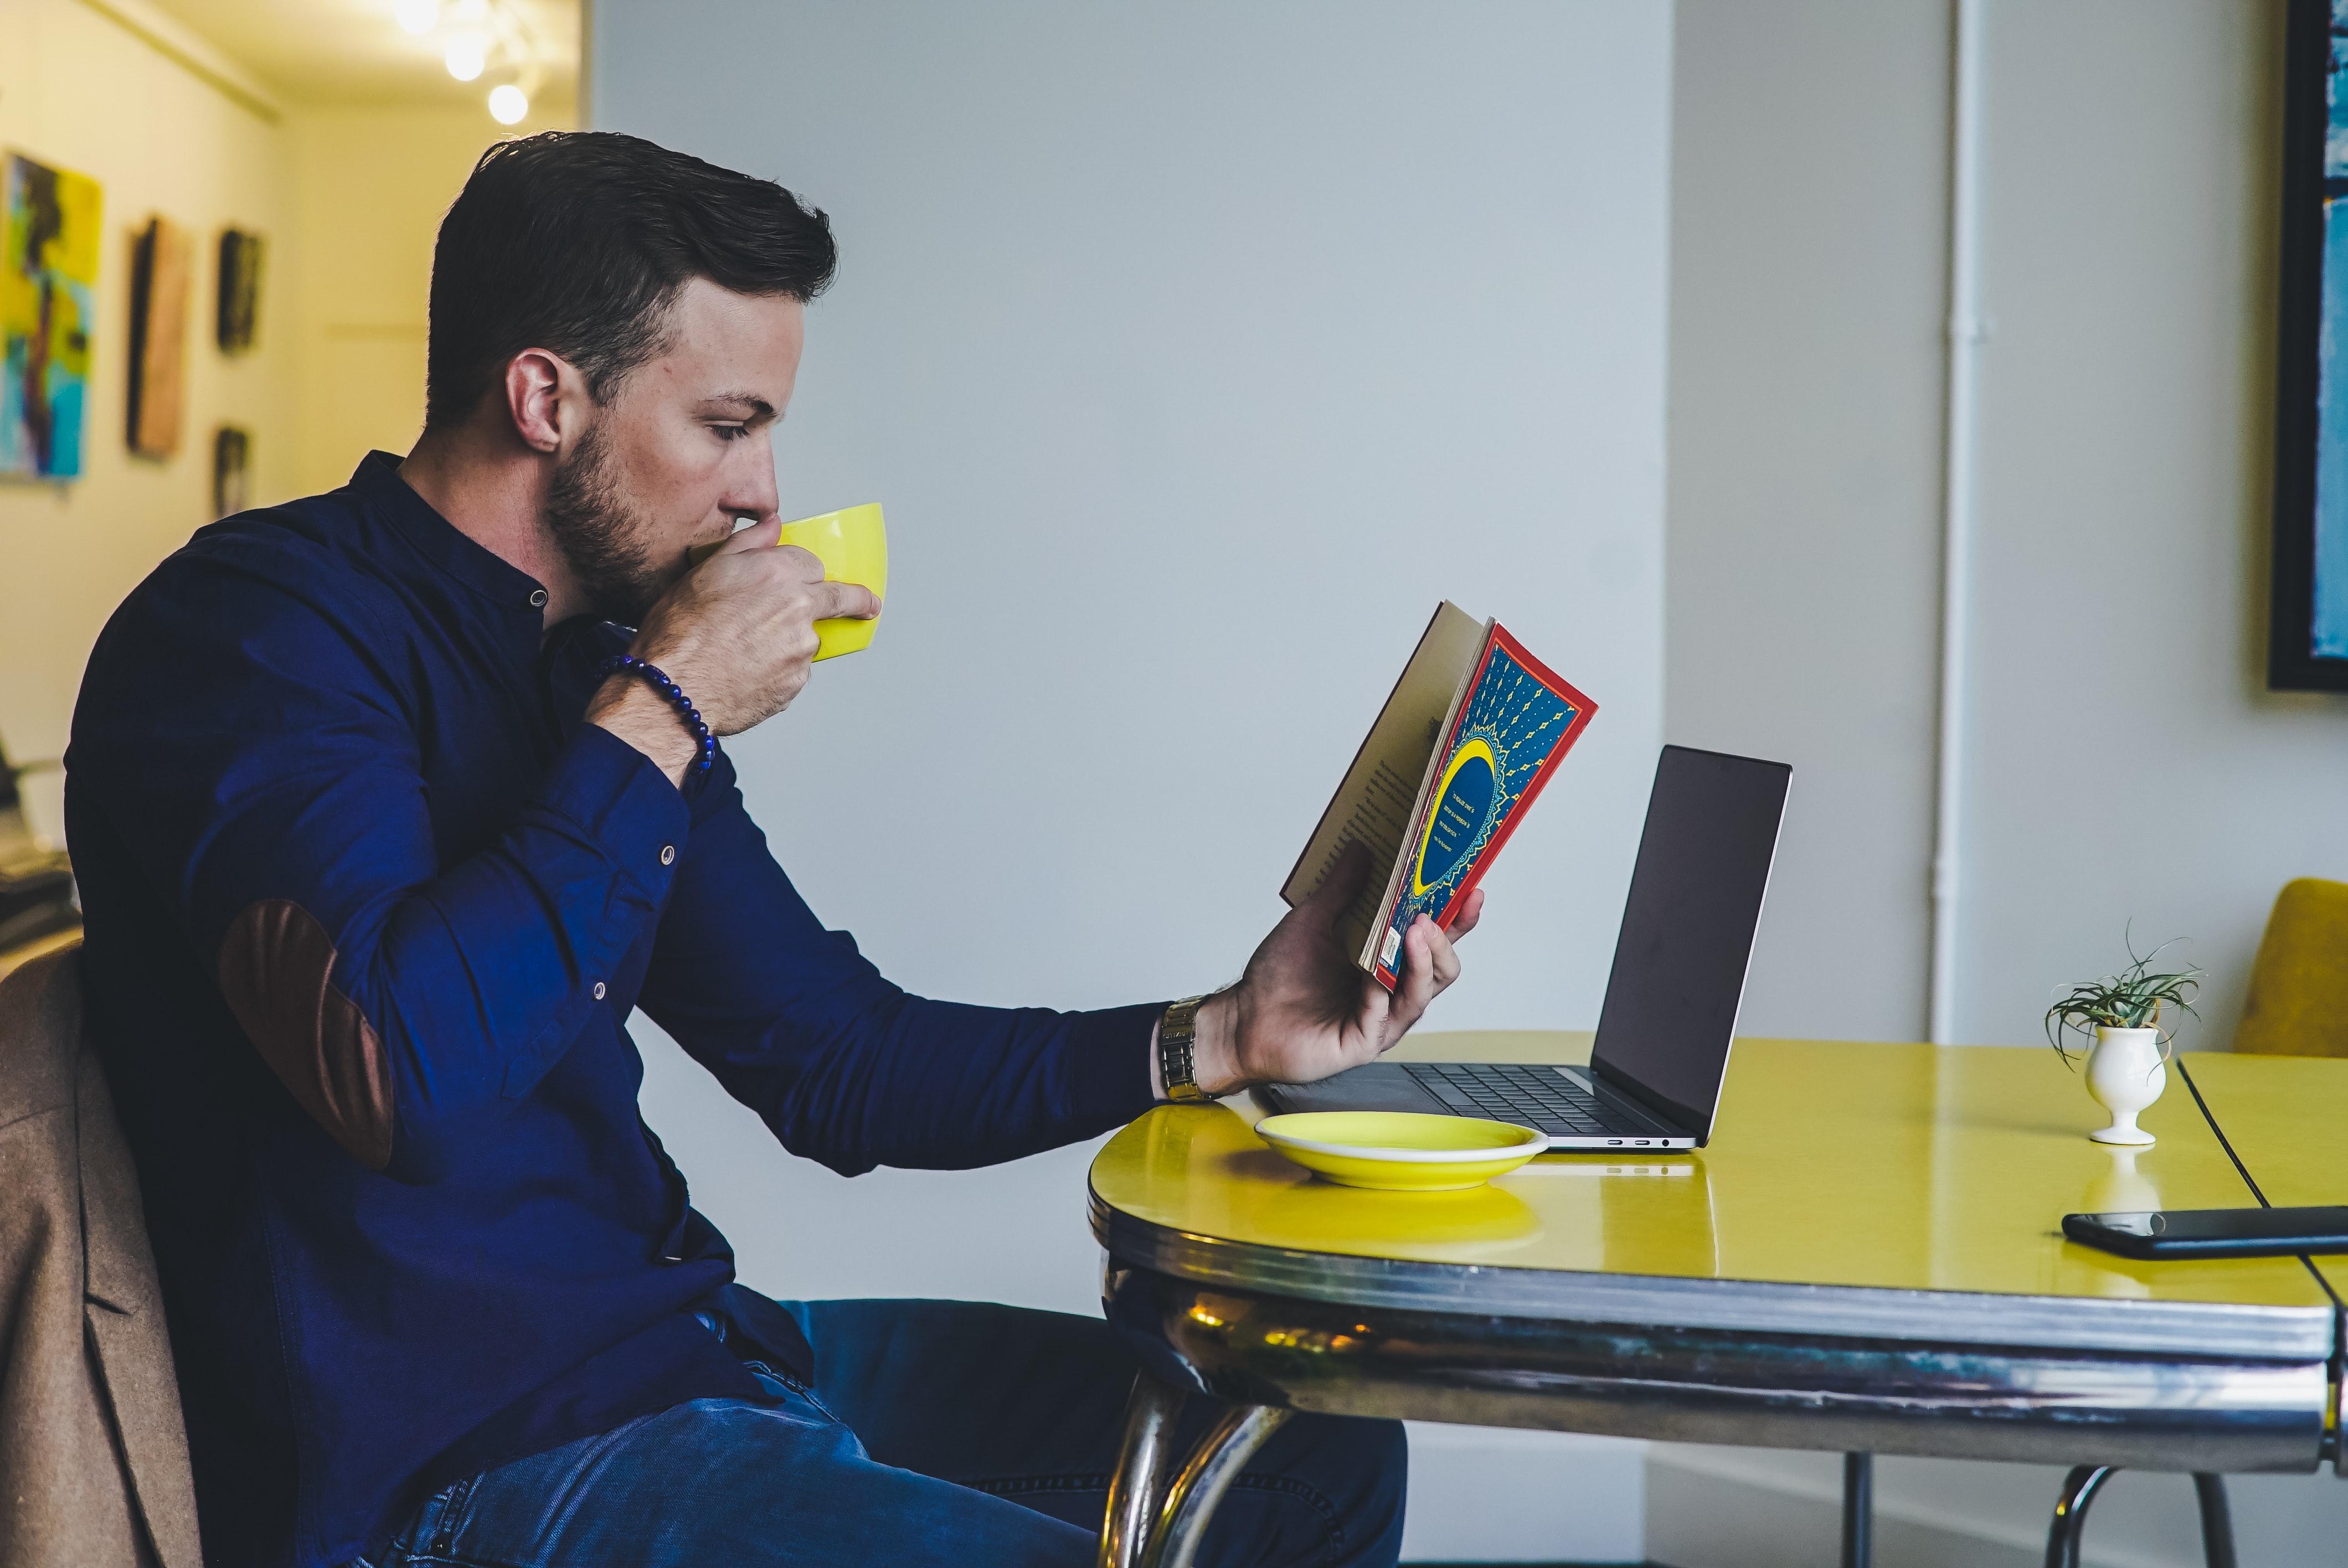 3 Livros sobre produtividade para ler em 2020